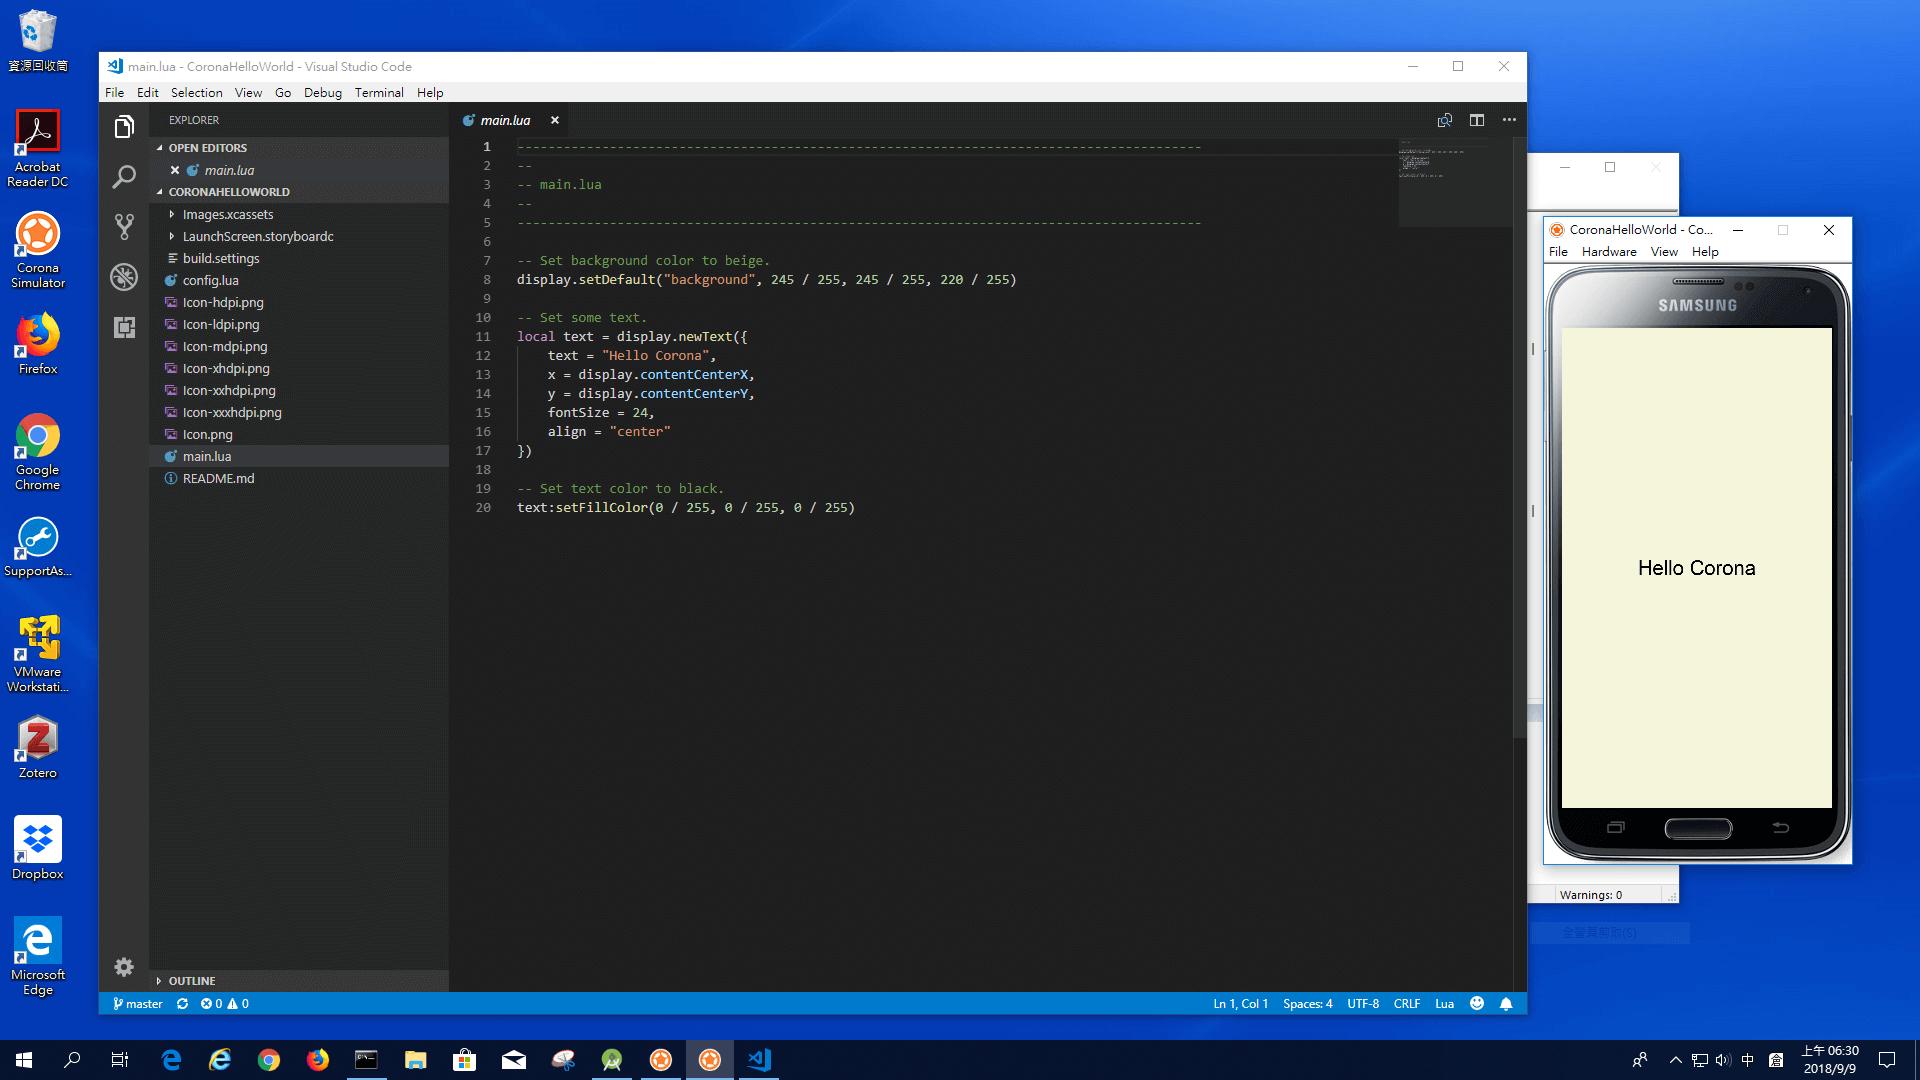 用 Visual Studio Code 寫 Corona 專案